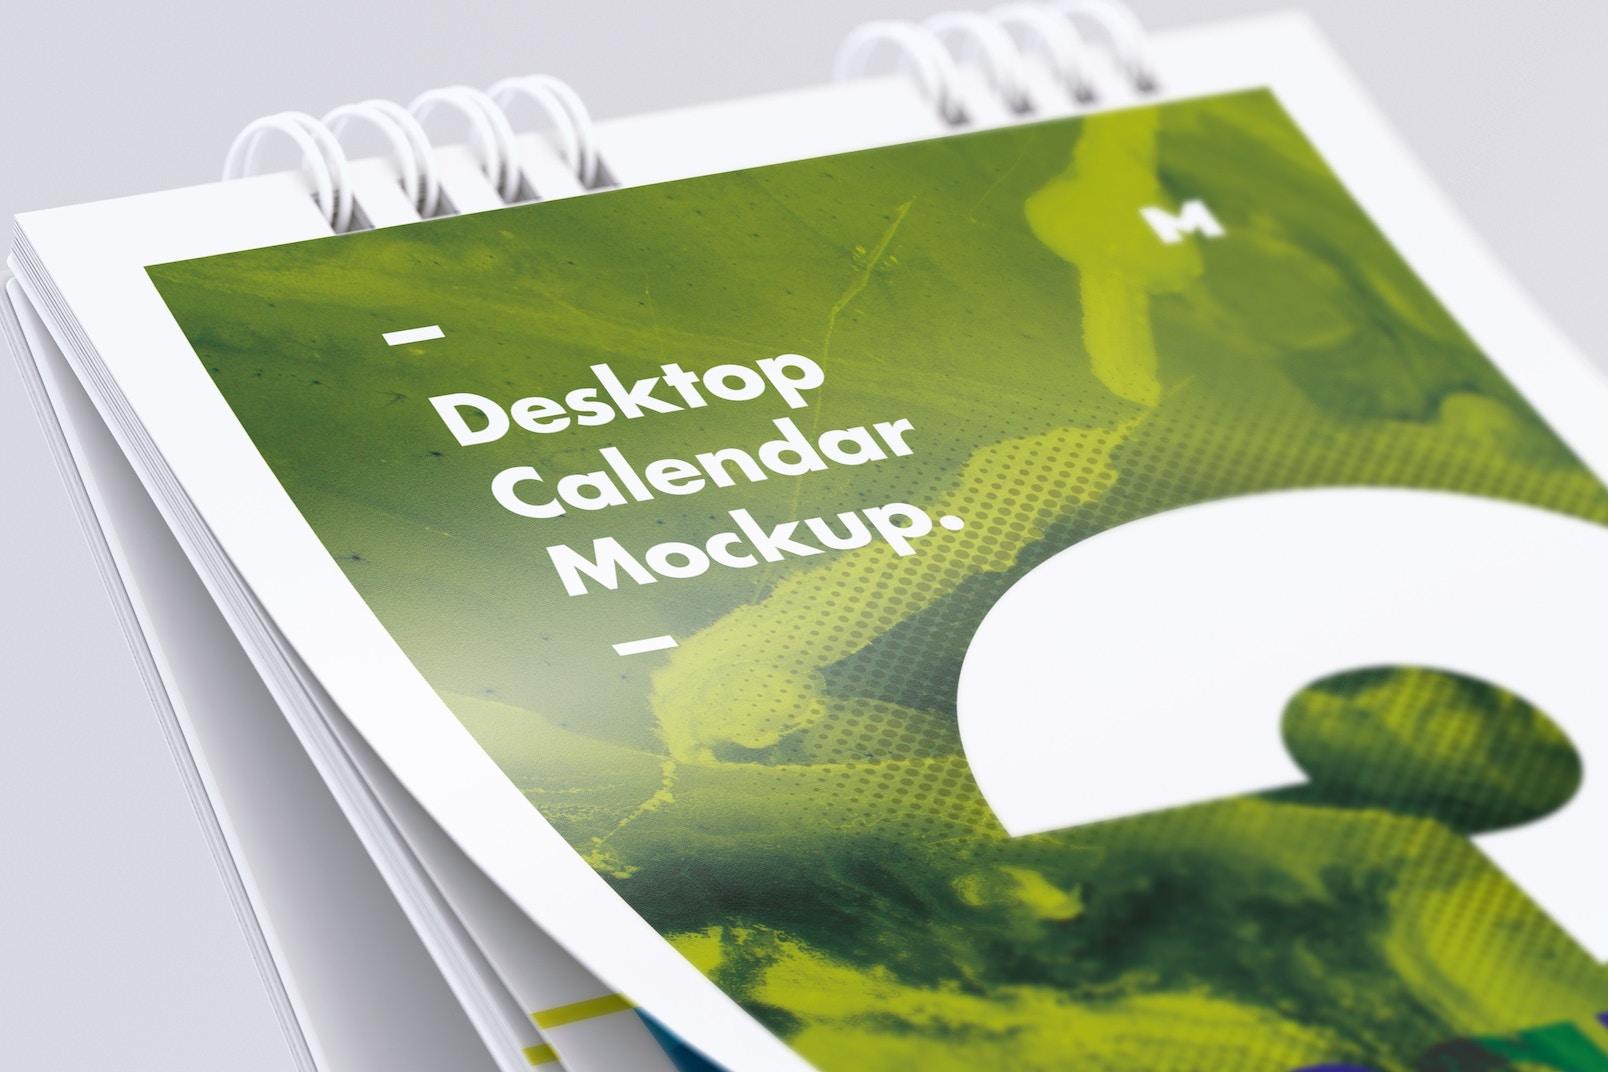 Desktop Portrait Calendar Mockup Close Up View